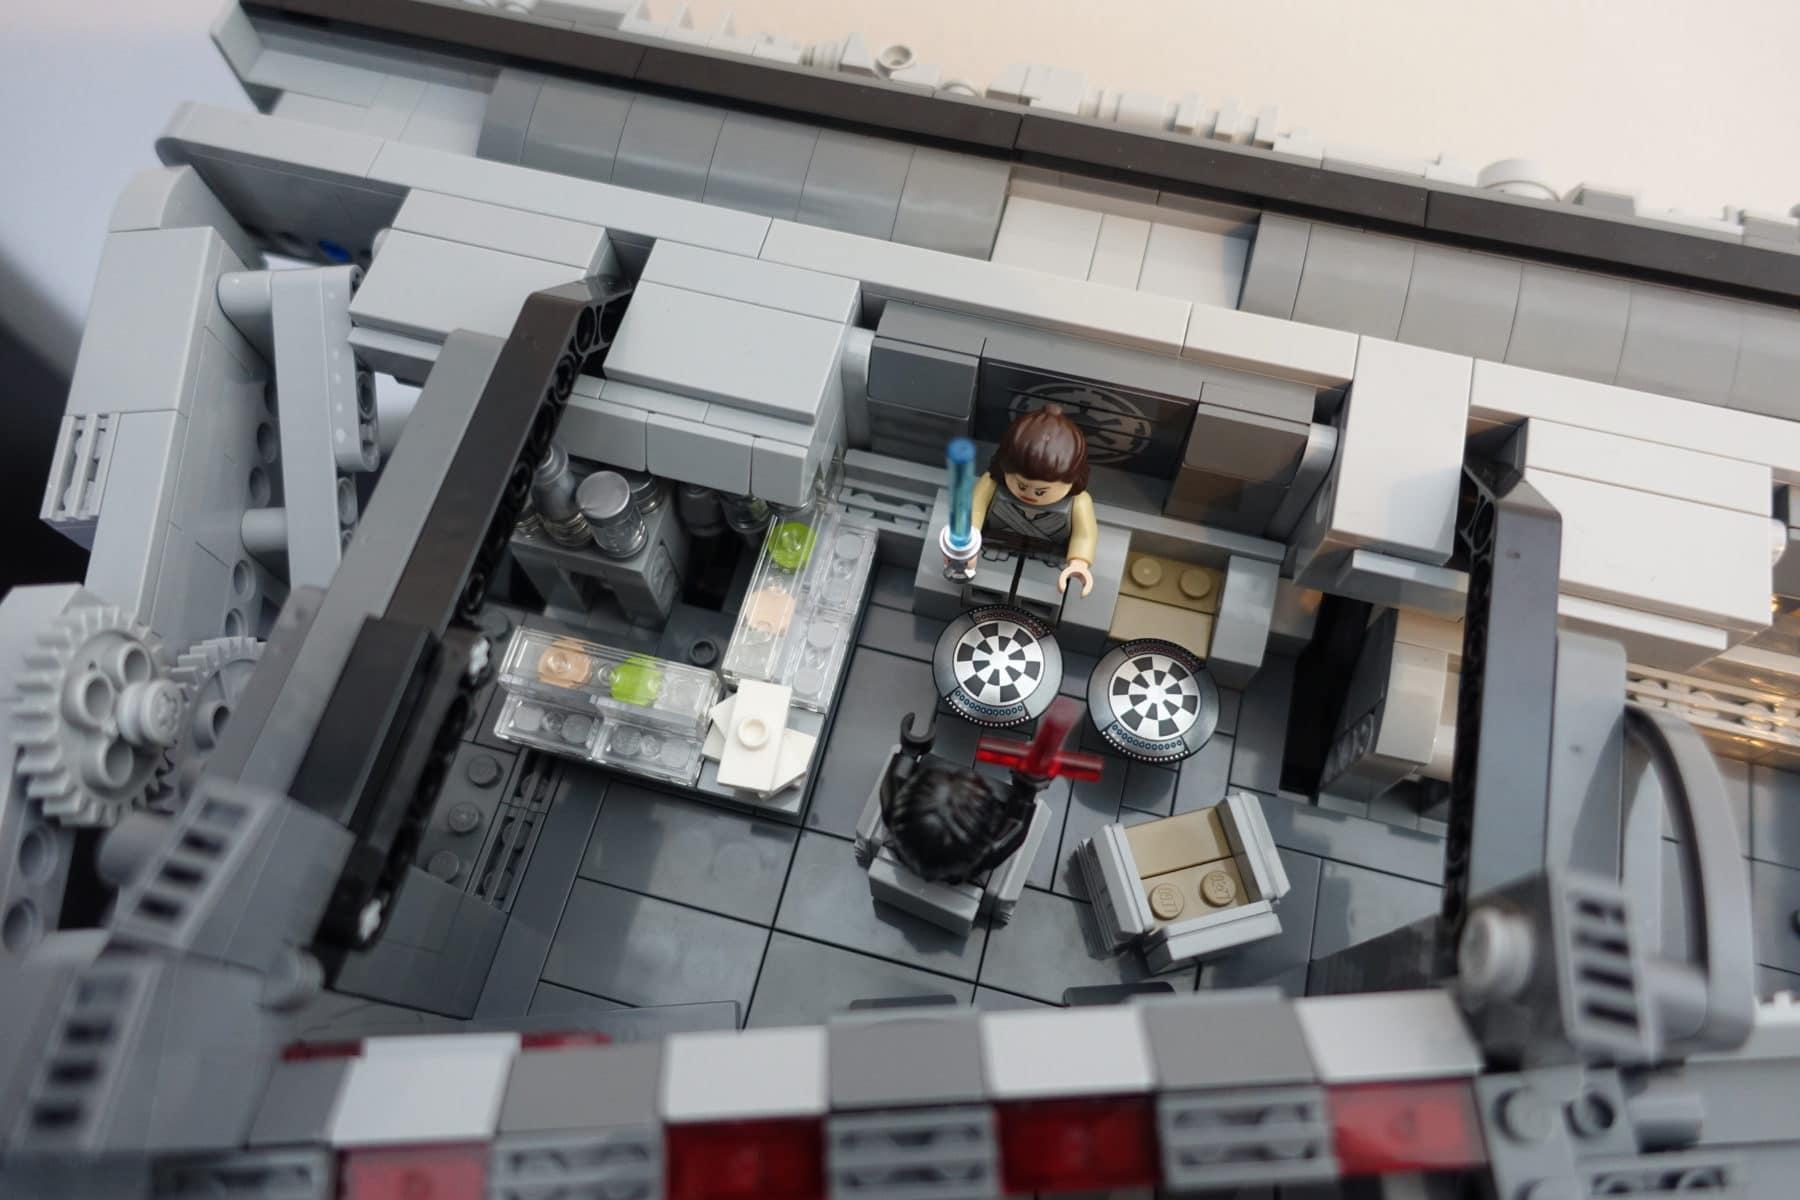 Kantine im LEGO MOC des Imperial Star Destroyers